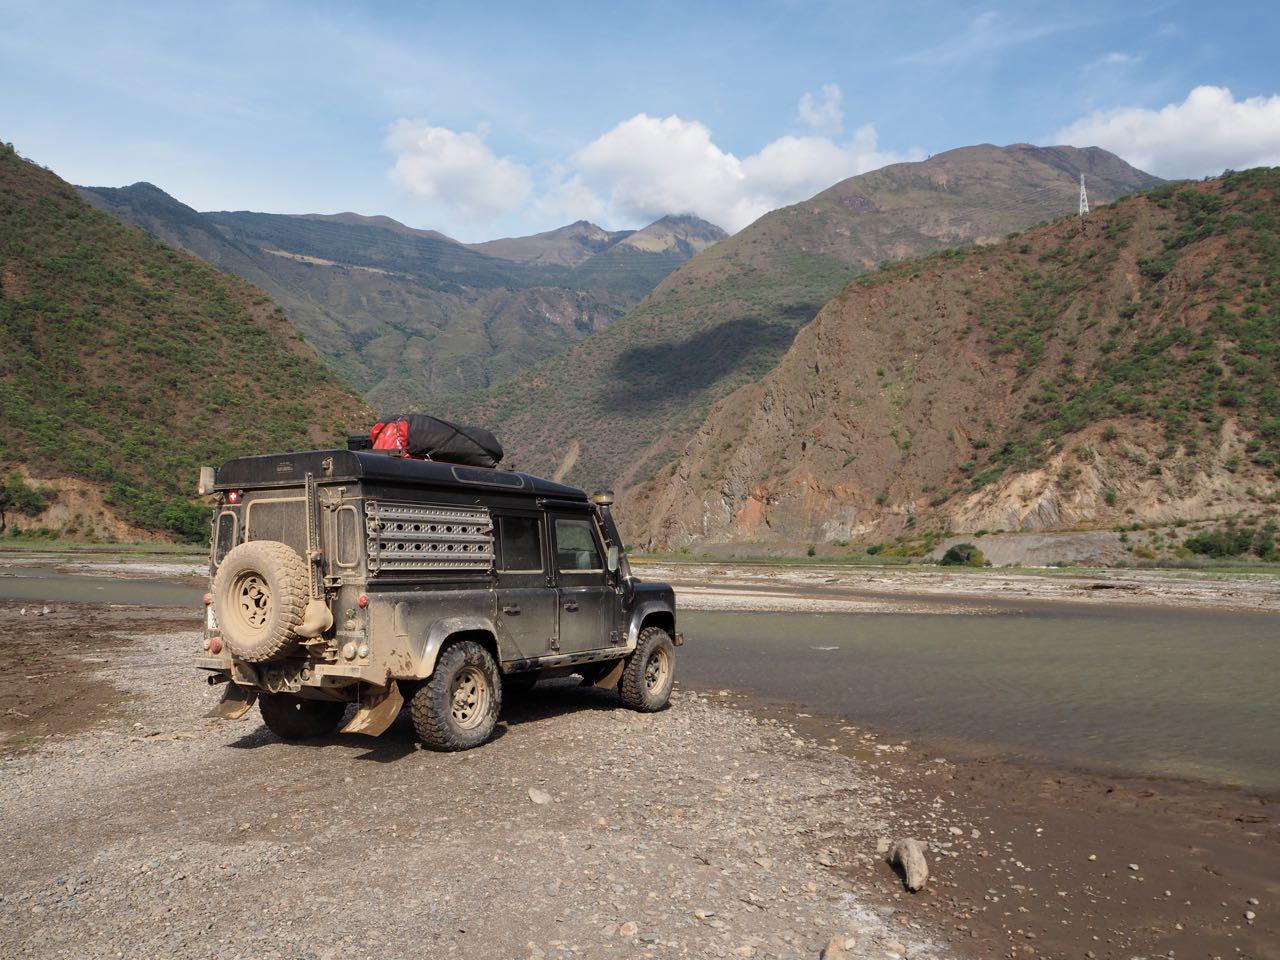 Um dorthin zu gelangen, mussten wir zuerst einen Fluss überqueren.